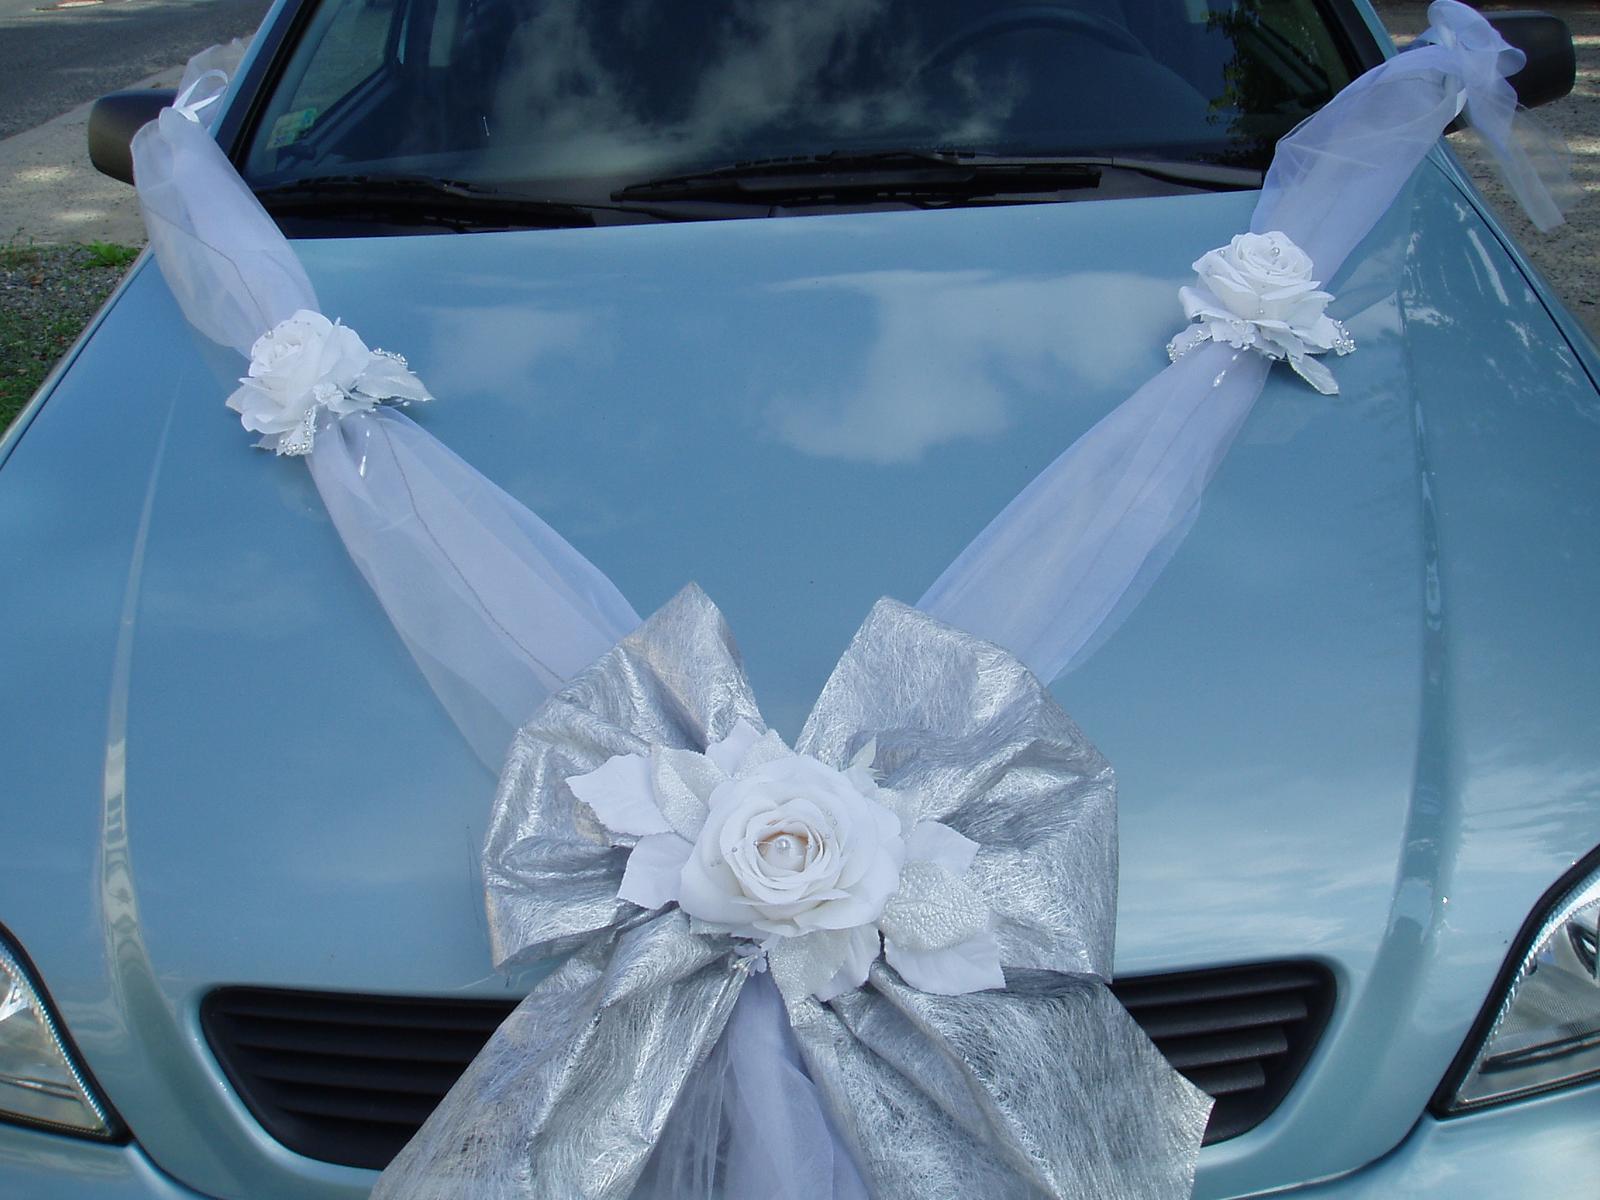 Bílo-stříbrné dekorace na auto - Obrázek č. 2